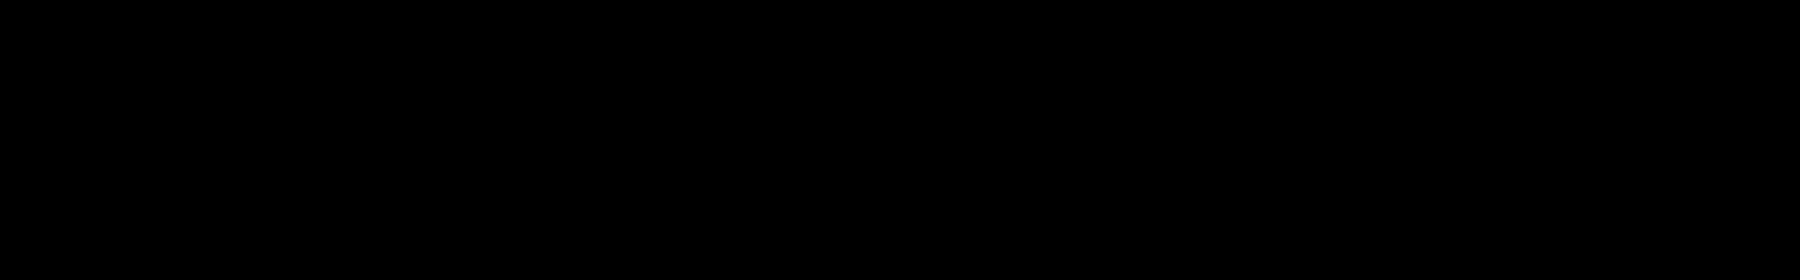 Sample Digger audio waveform